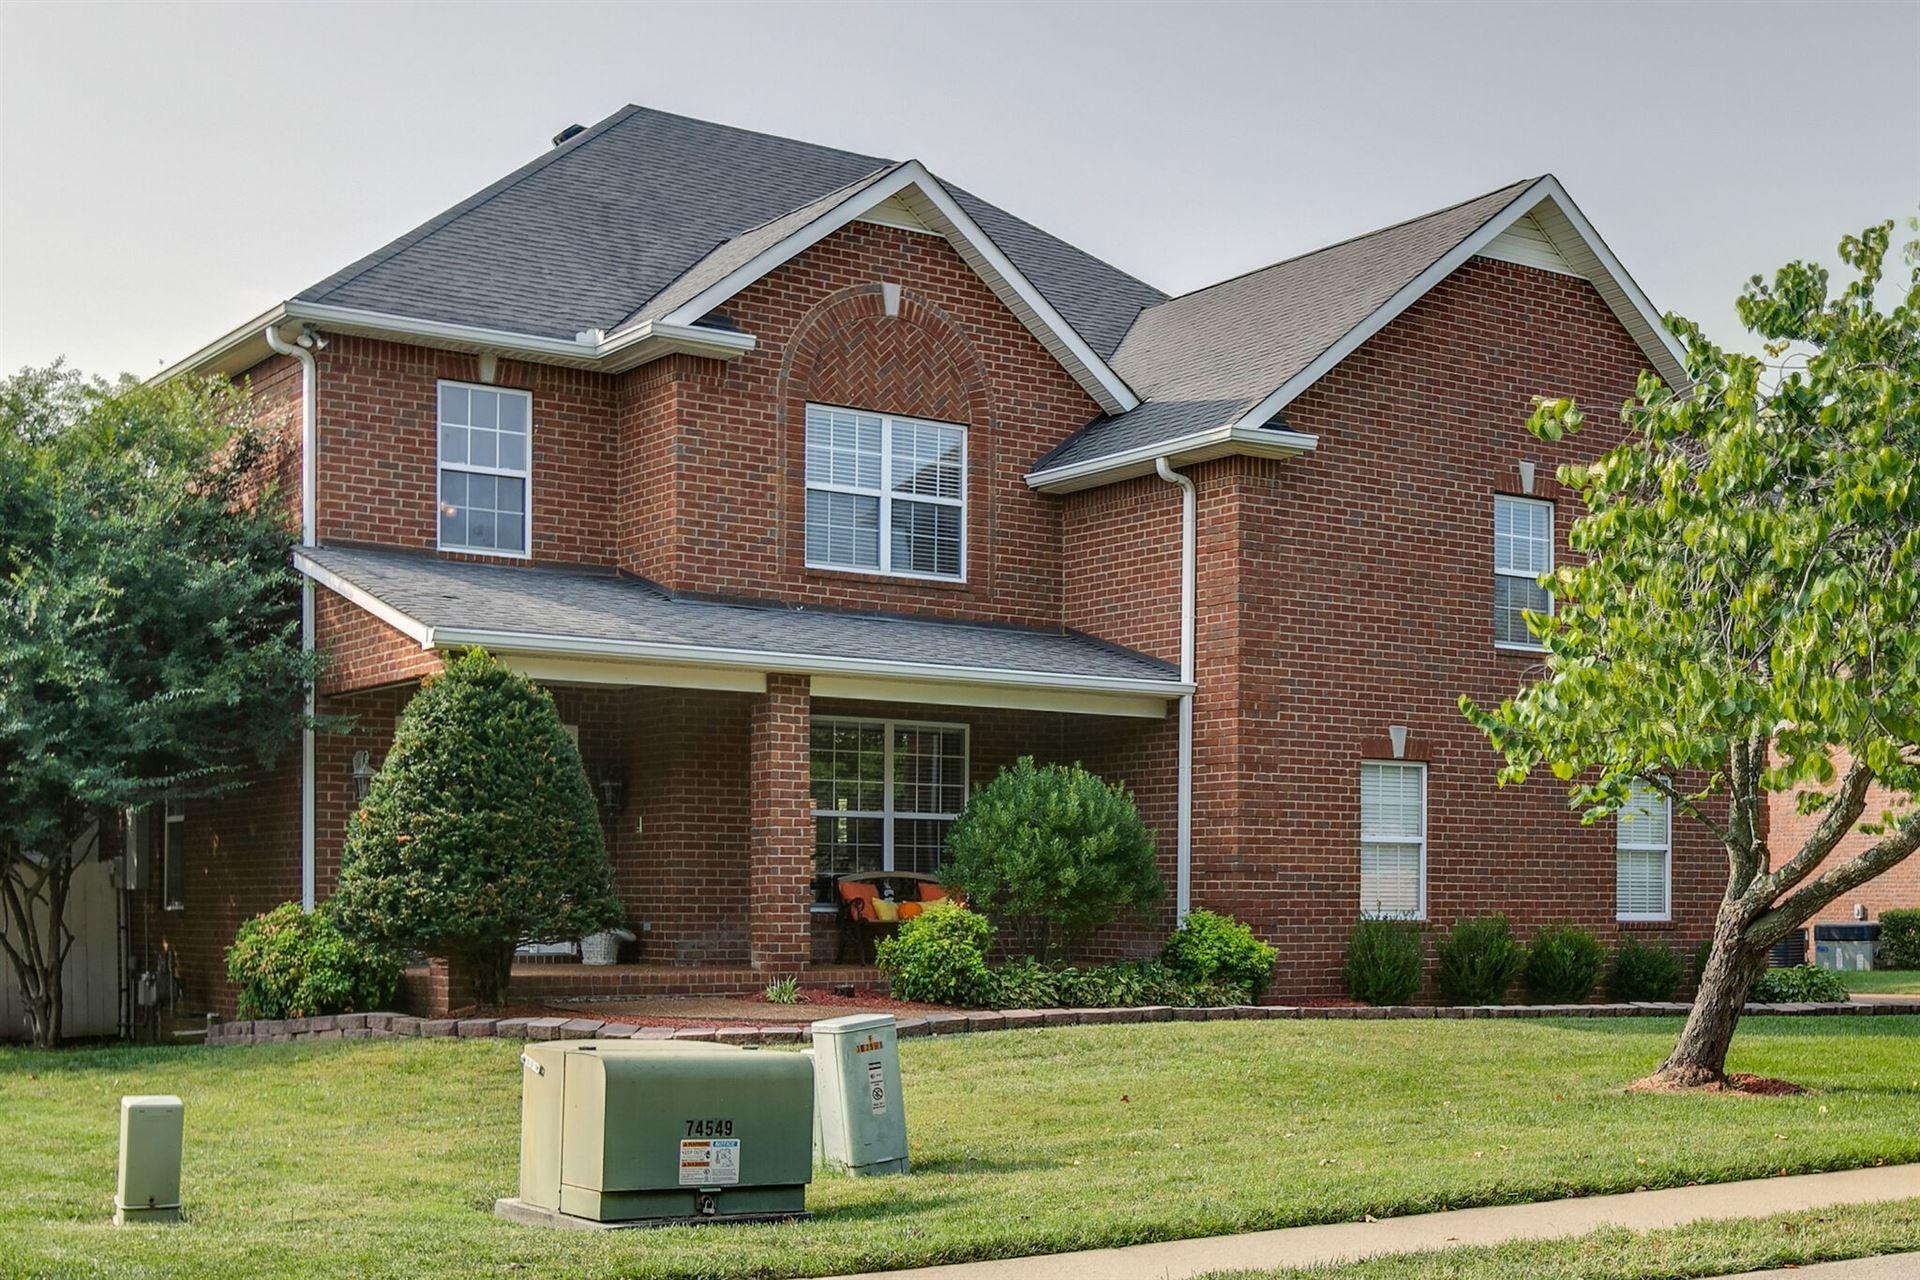 3023 Harrah Dr, Spring Hill, TN 37174 - MLS#: 2188145